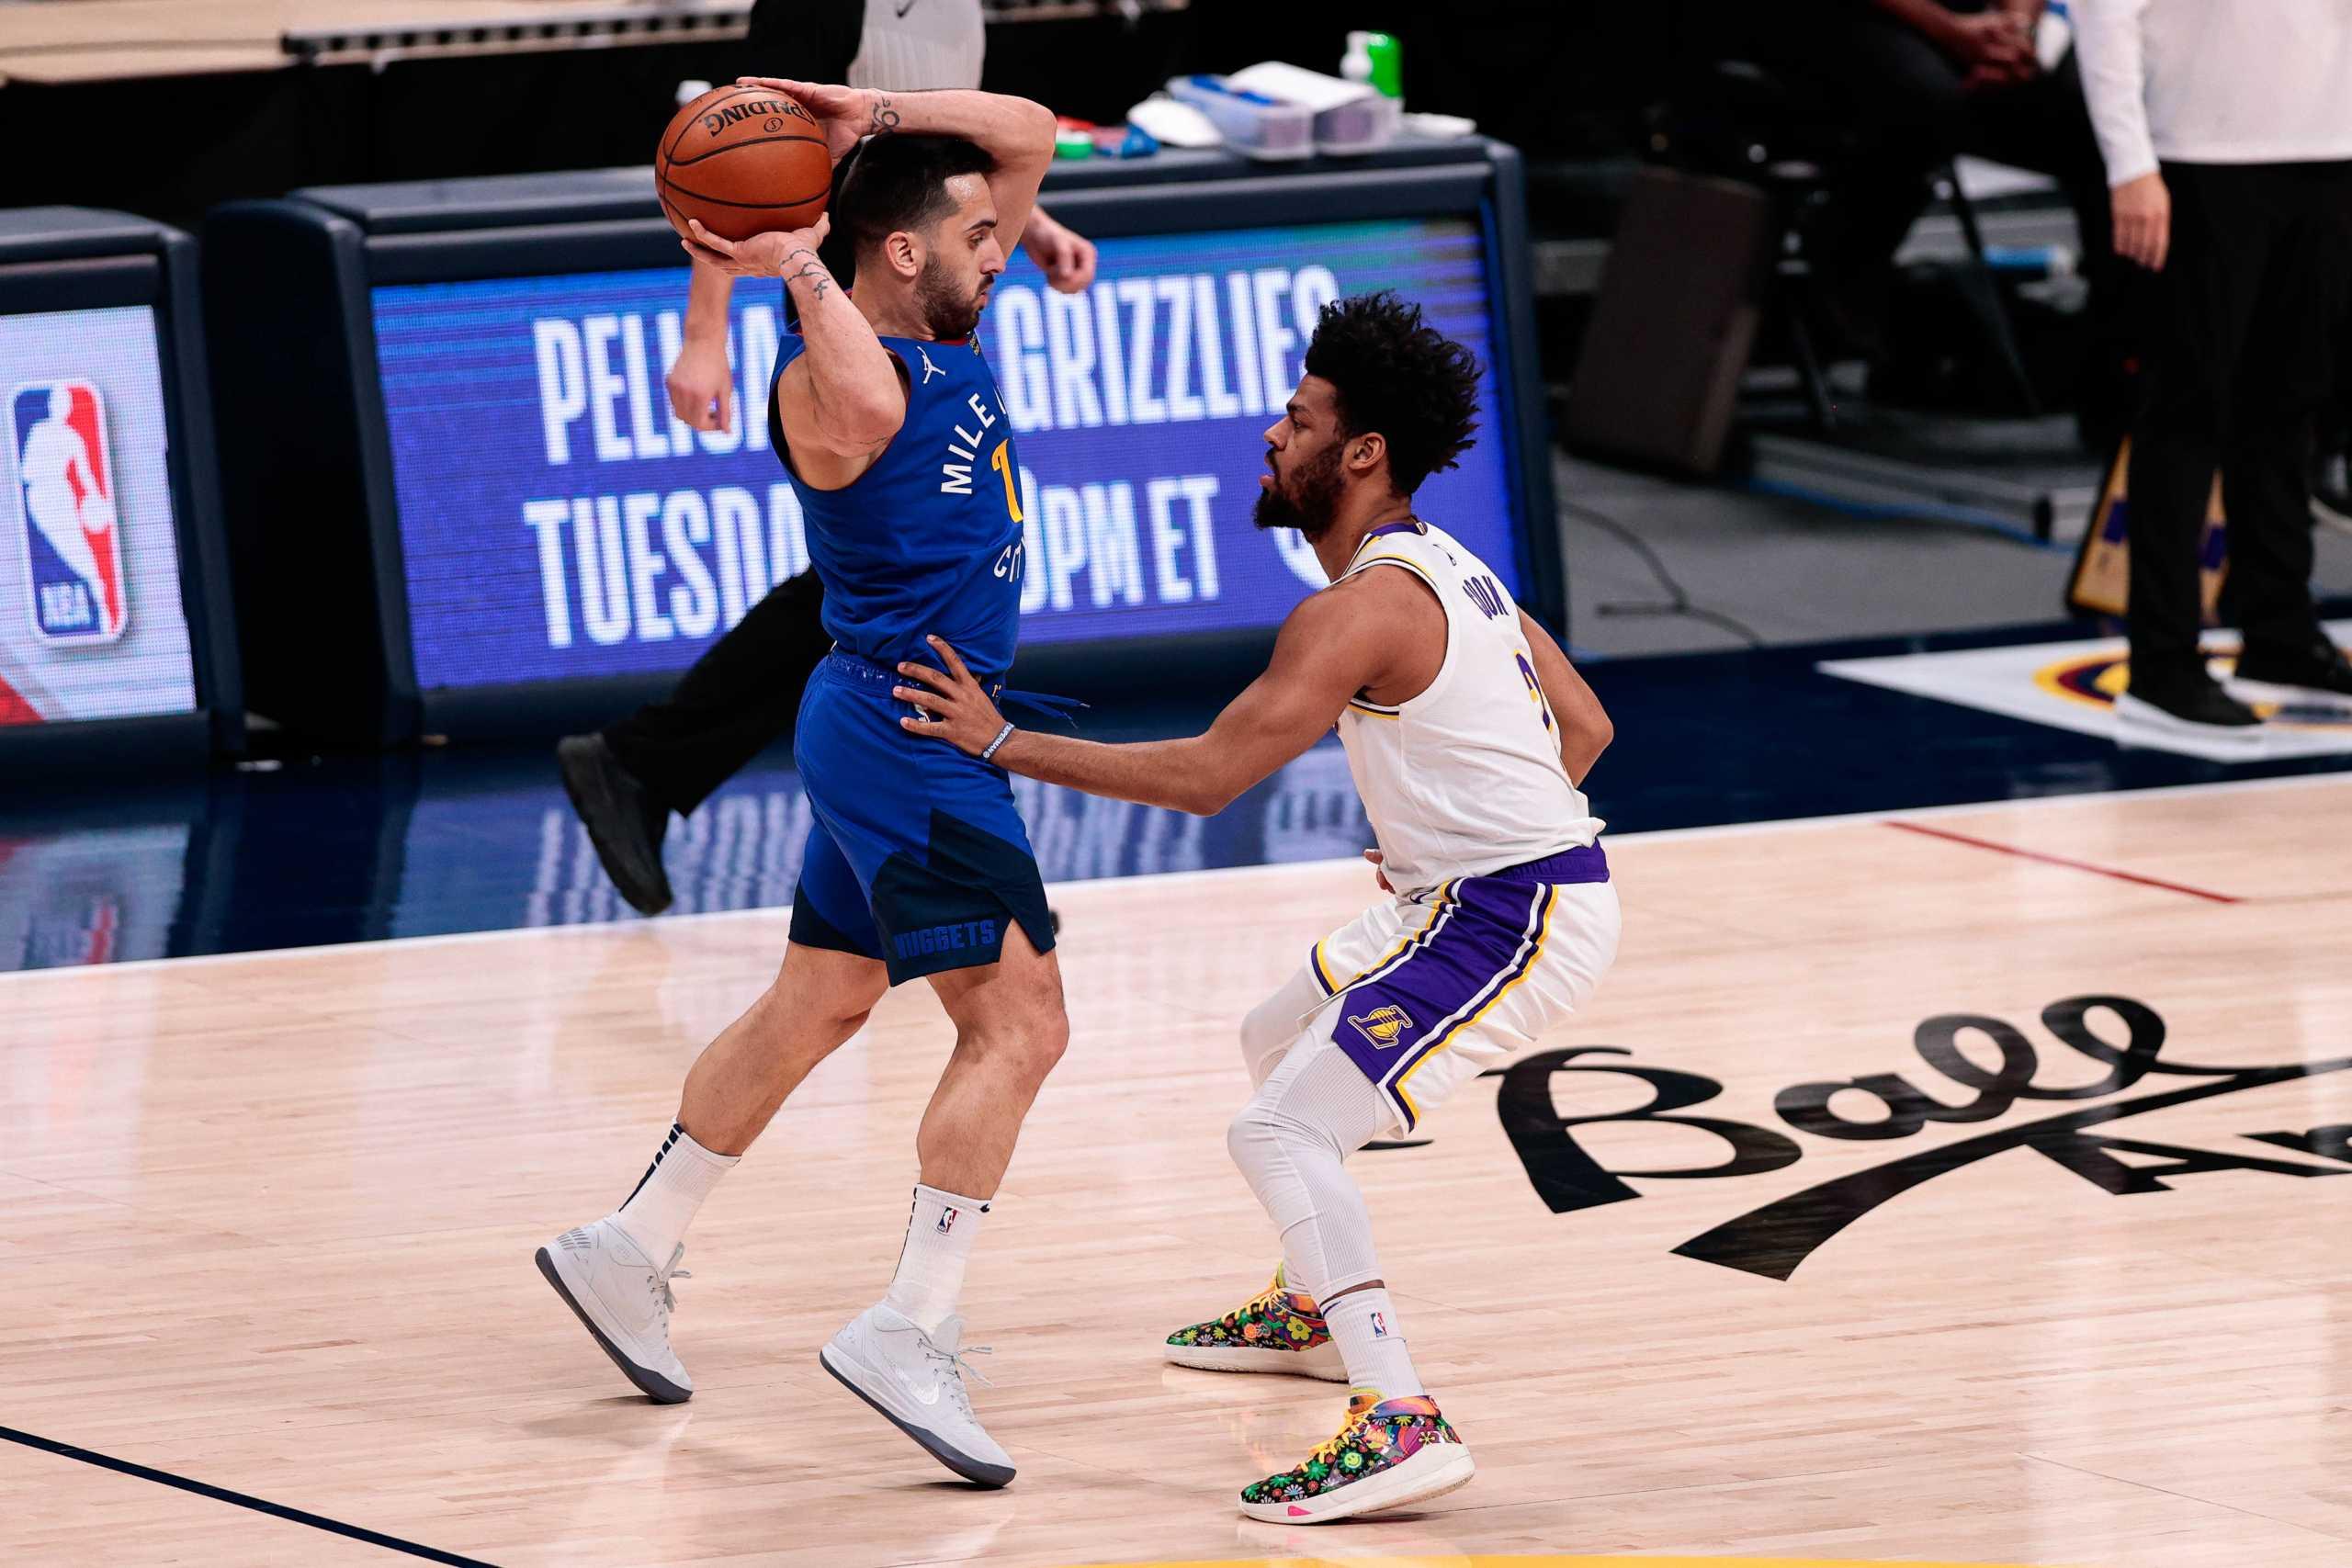 Ο Καμπάτσο έδωσε αδιανόητη ασίστ στο NBA (video)